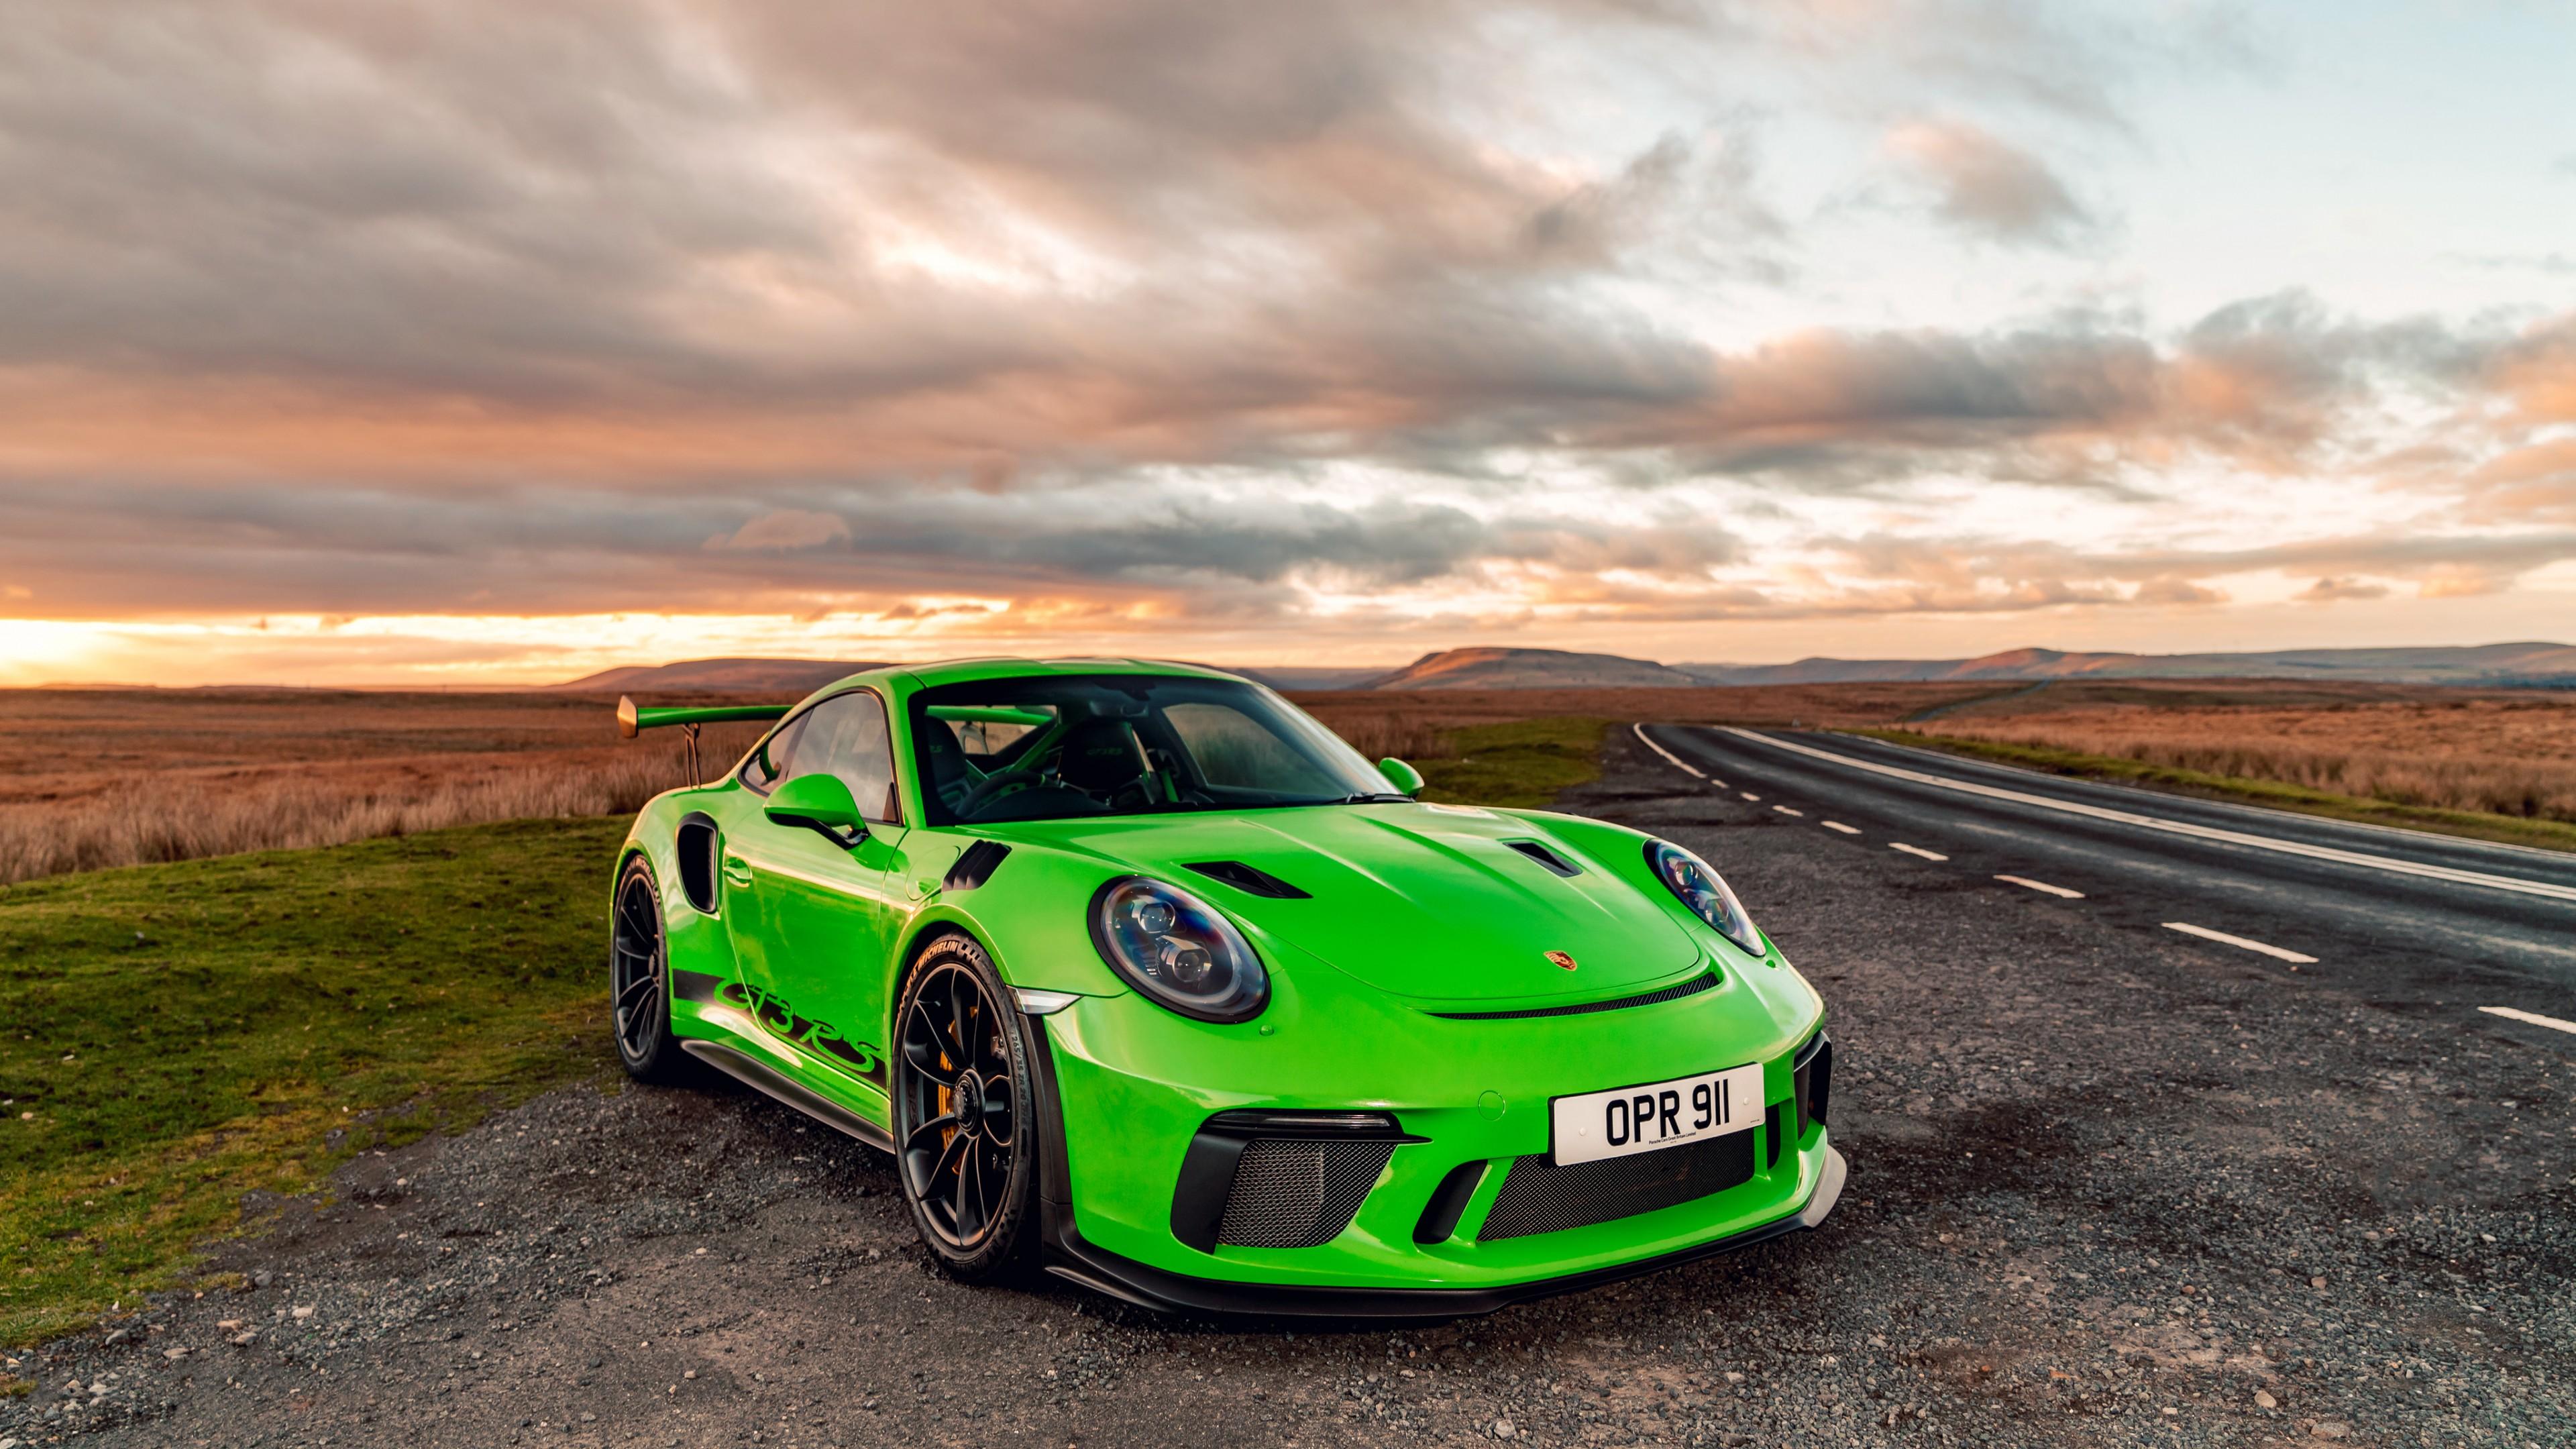 Porsche 911 GT3 RS 2019 4K Wallpaper | HD Car Wallpapers ...